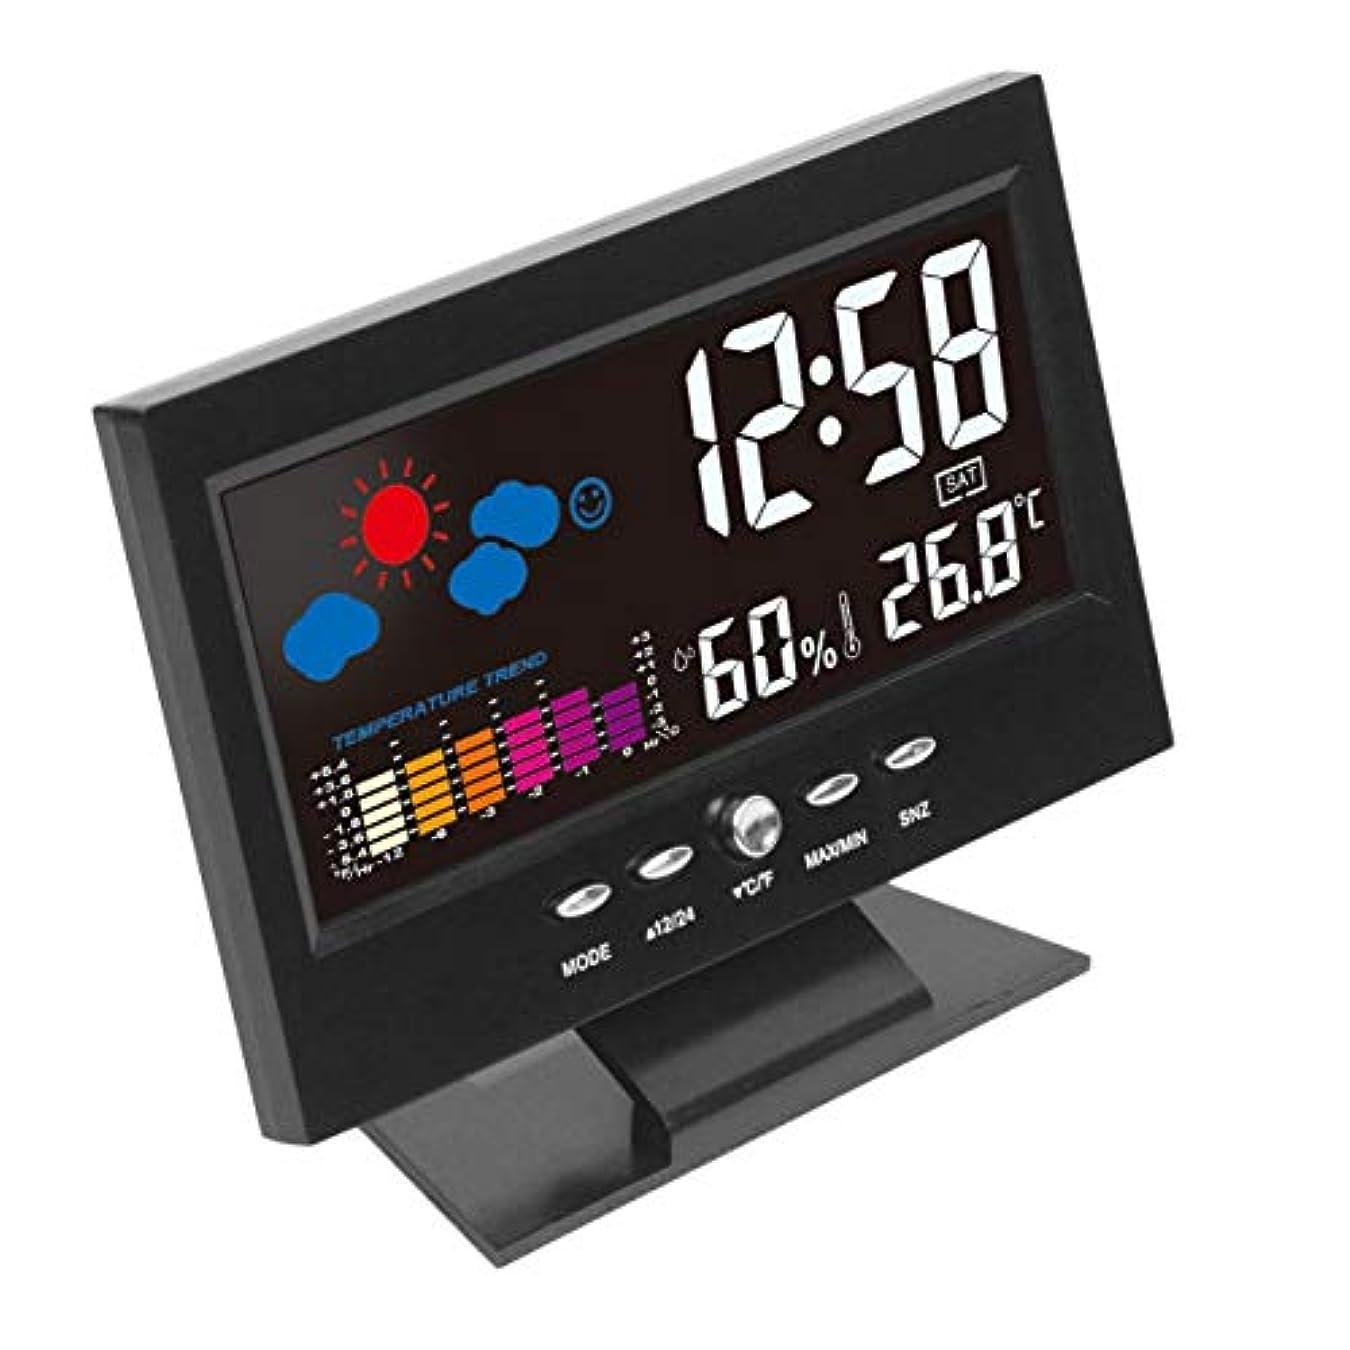 狂信者競う長くするSaikogoods 電子デジタルLCD 温度湿度モニター時計 温度計湿度計 屋内ホーム 天気予報時??計 ブラック